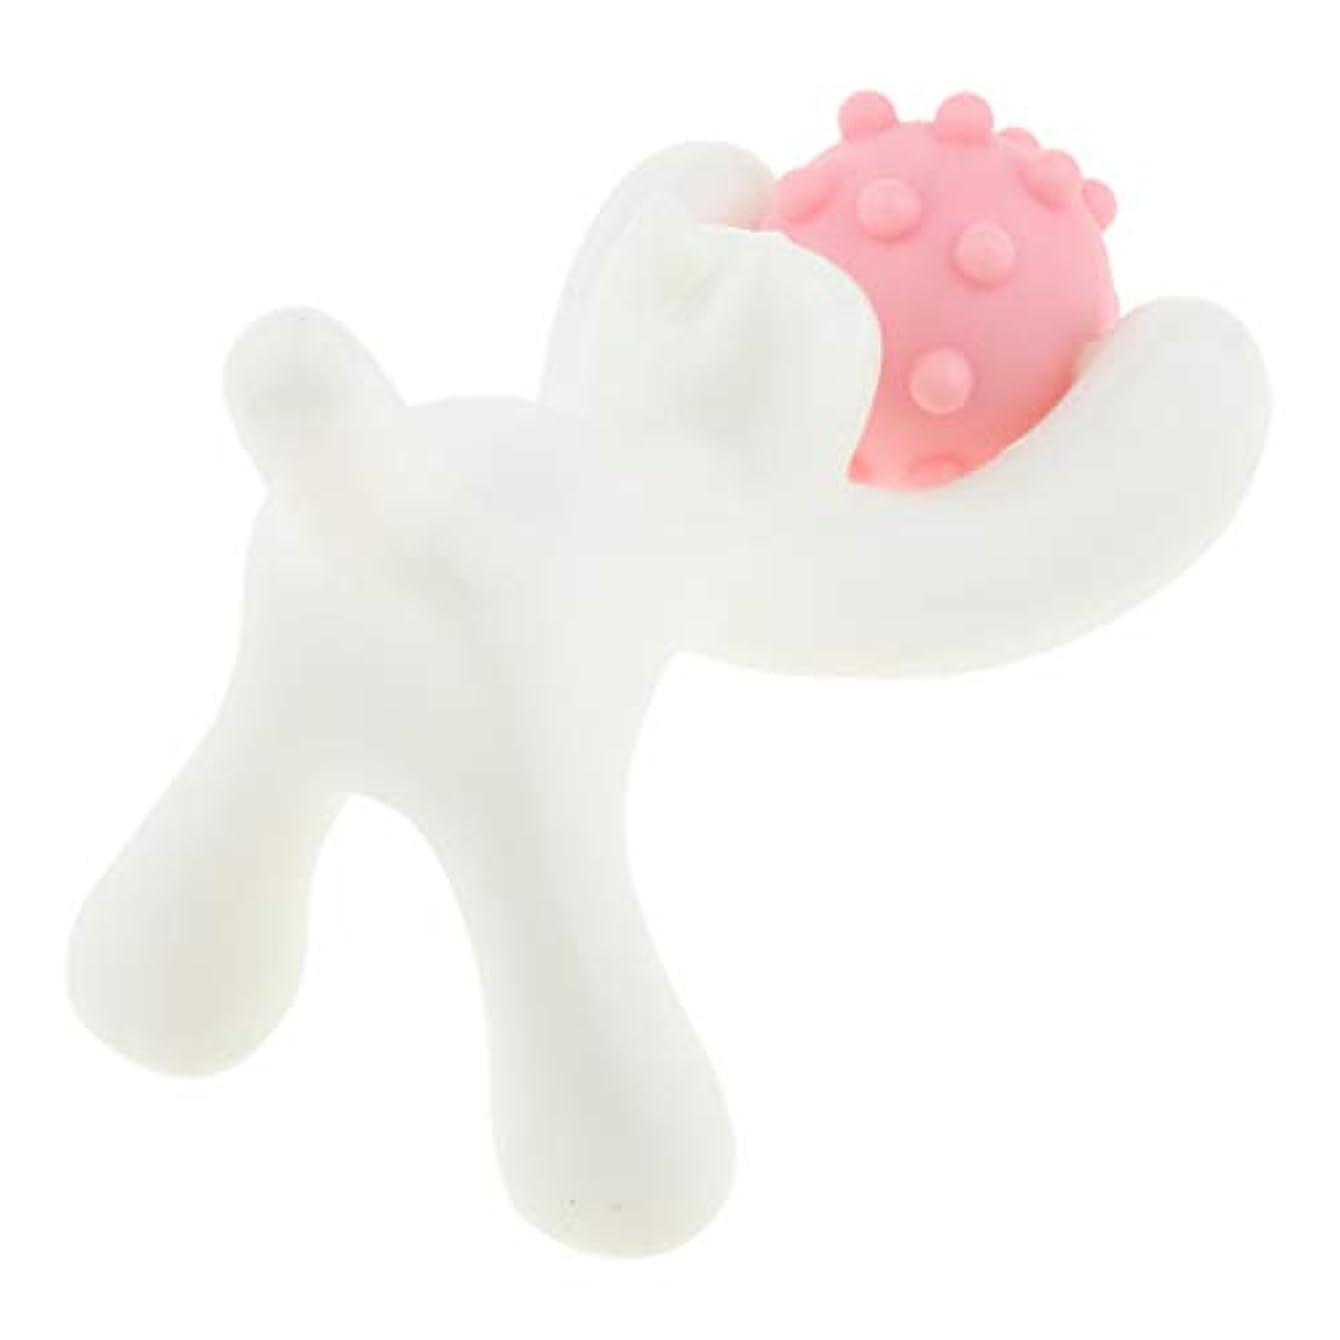 共和党例外変数FLAMEER フェイスローラー 美顔ローラー フェイス ボディー用 マッサージローラー 猫の形 快適 3色選ぶ - ピンク